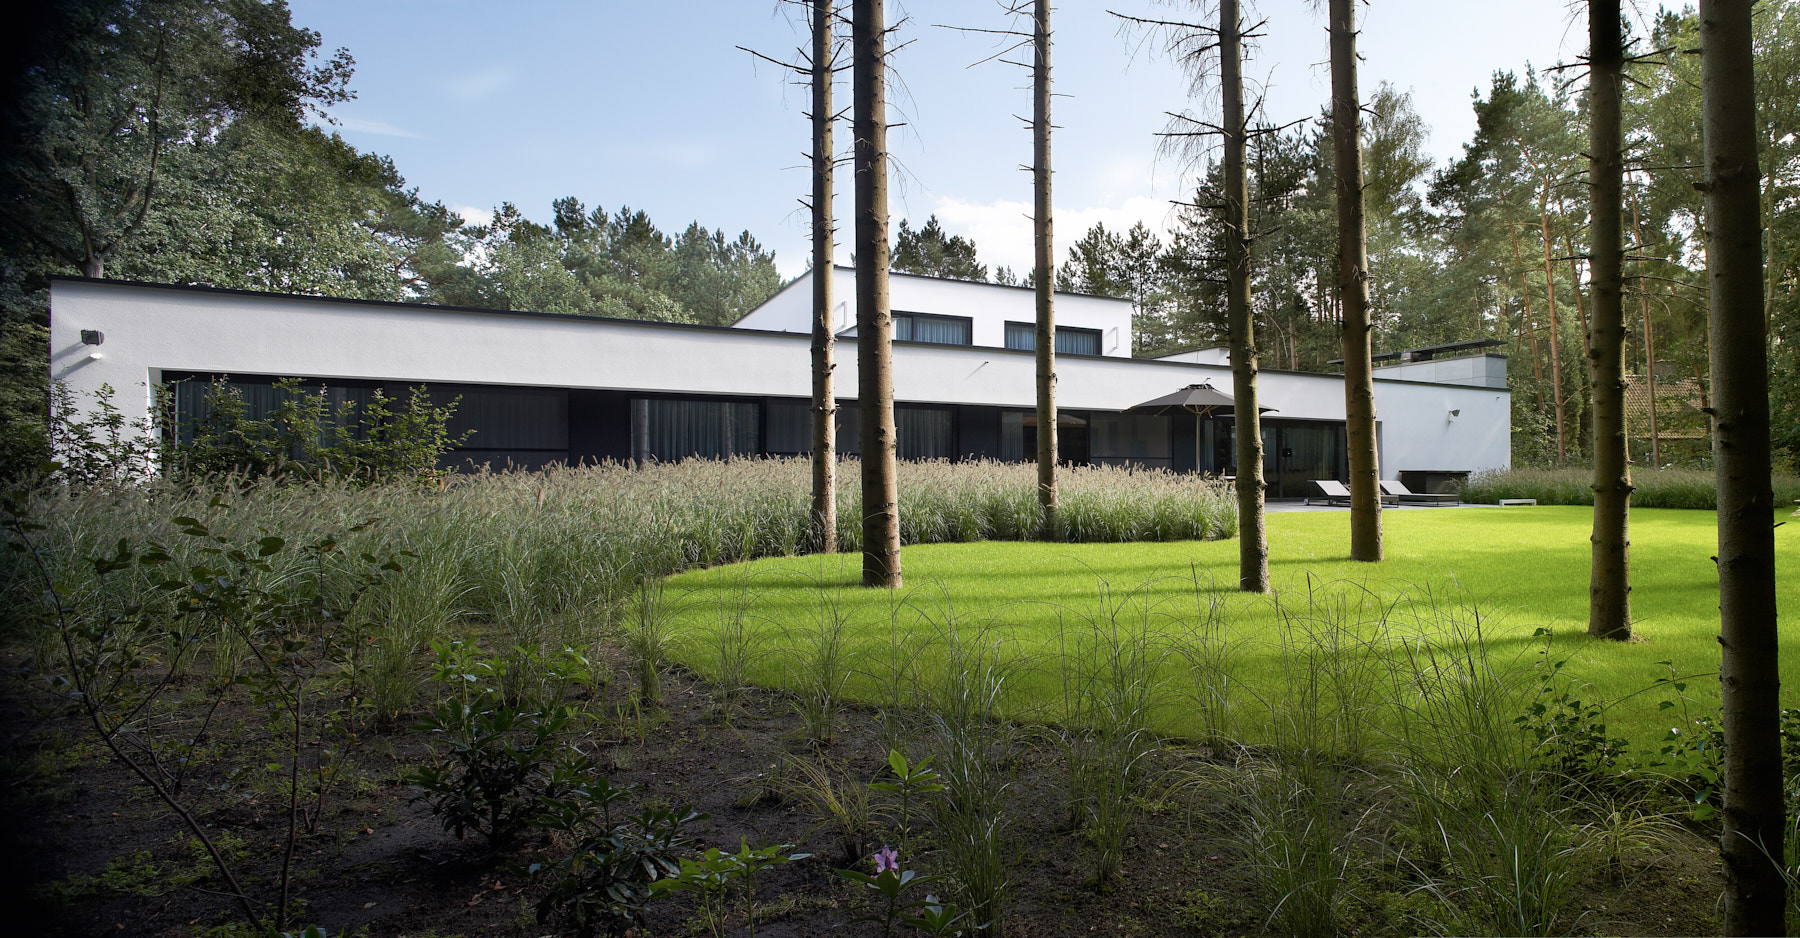 Oud-Turnhout | Villa verscholen in het groen